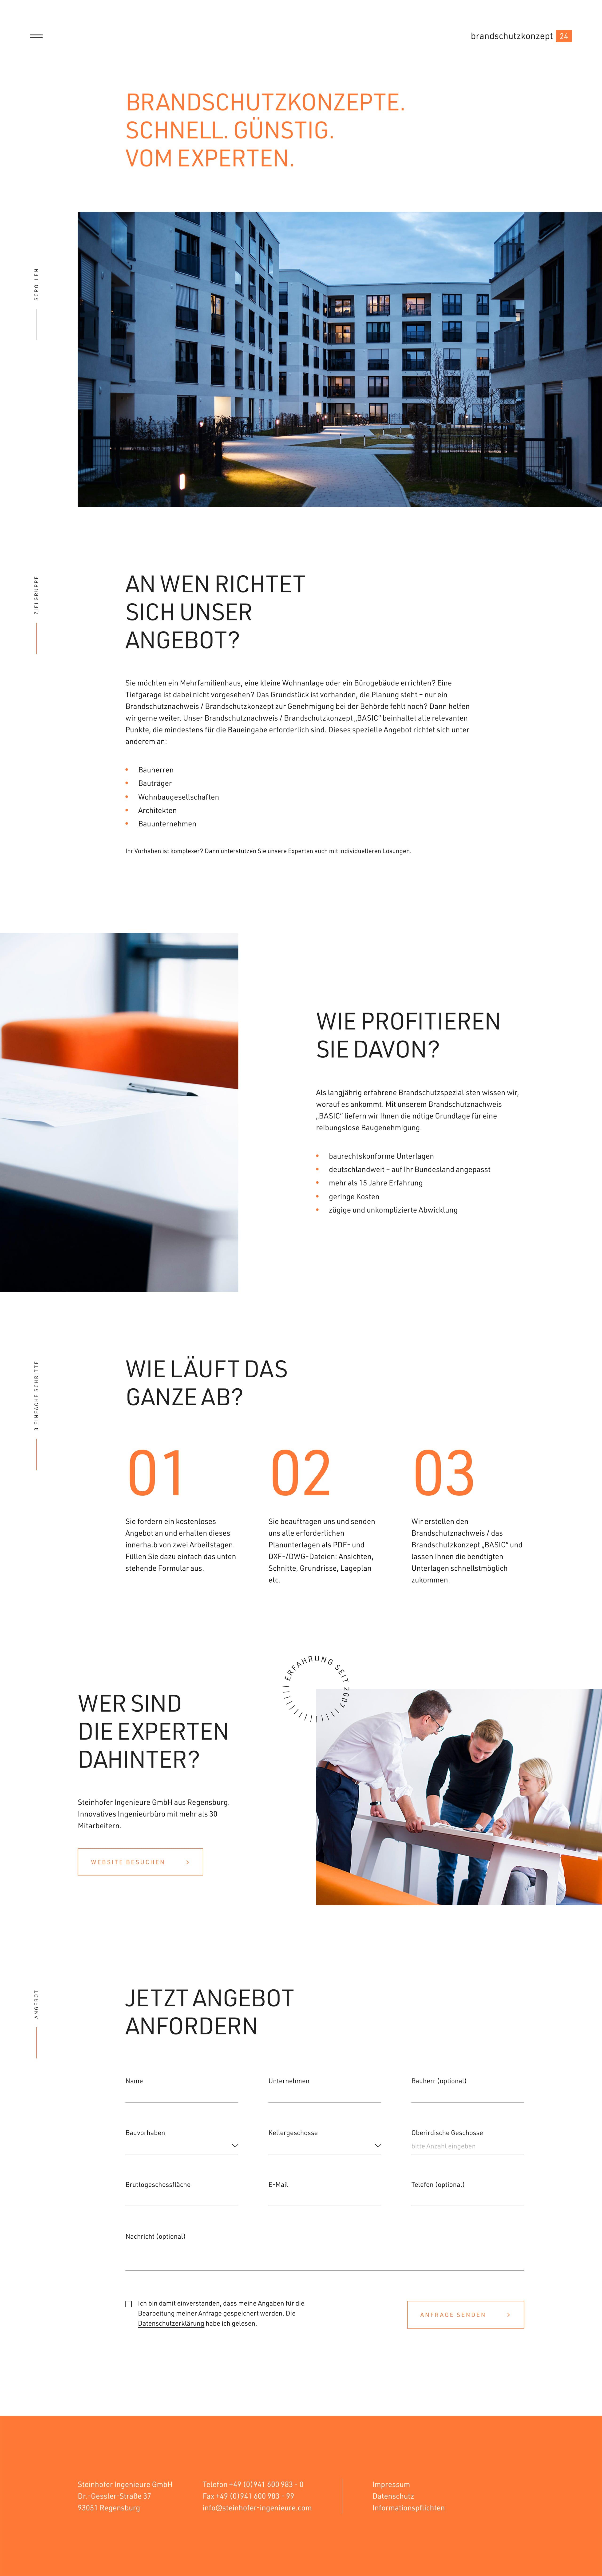 Brandschutzkonzept24 Website Screenshot